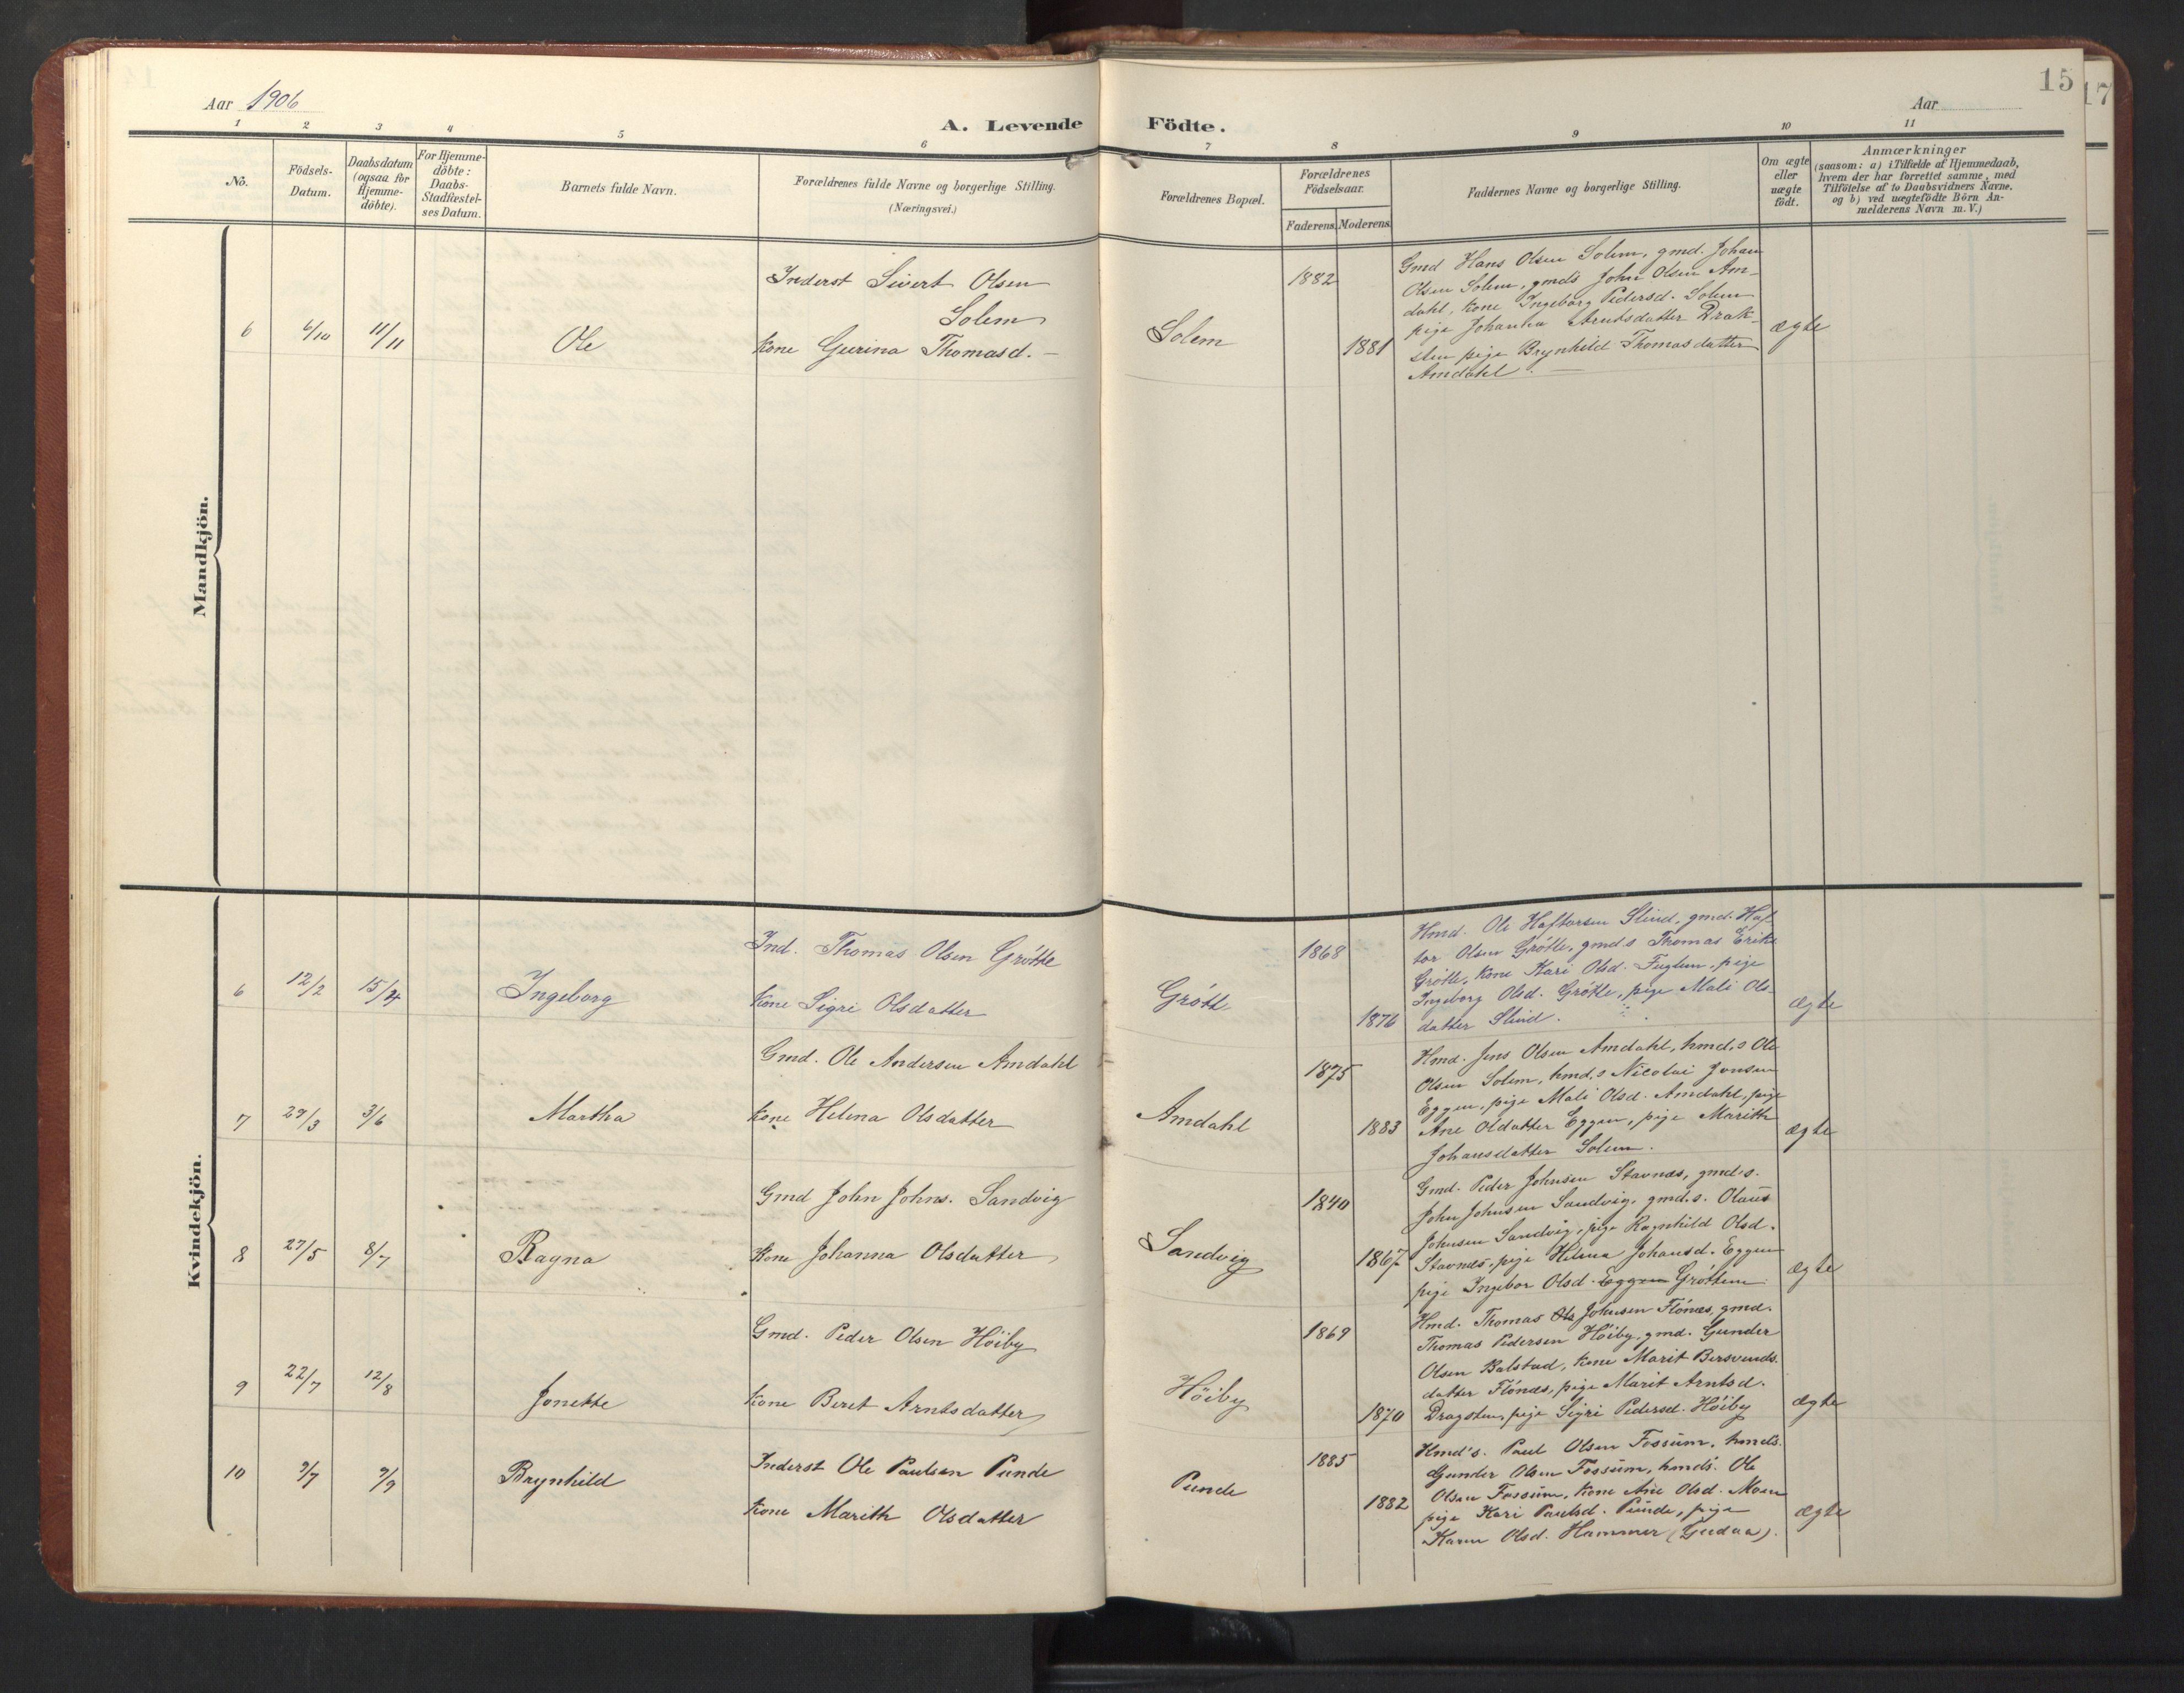 SAT, Ministerialprotokoller, klokkerbøker og fødselsregistre - Sør-Trøndelag, 696/L1161: Klokkerbok nr. 696C01, 1902-1950, s. 15